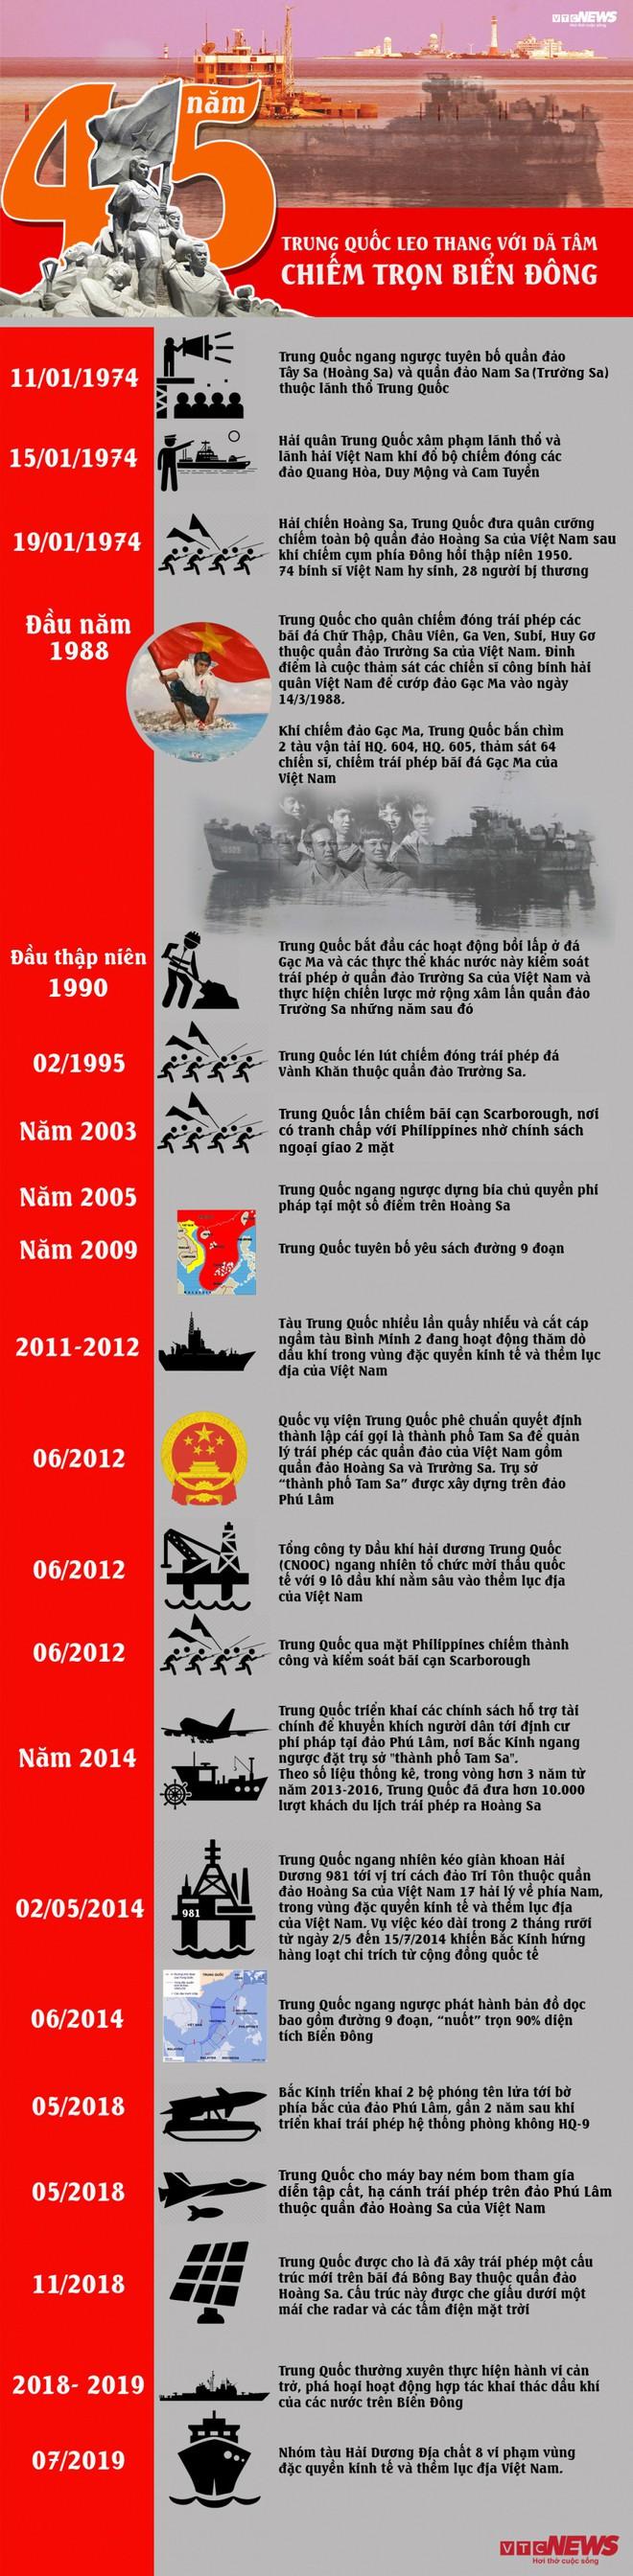 Infographic: 45 năm Trung Quốc leo thang với dã tâm chiếm trọn Biển Đông - Ảnh 1.